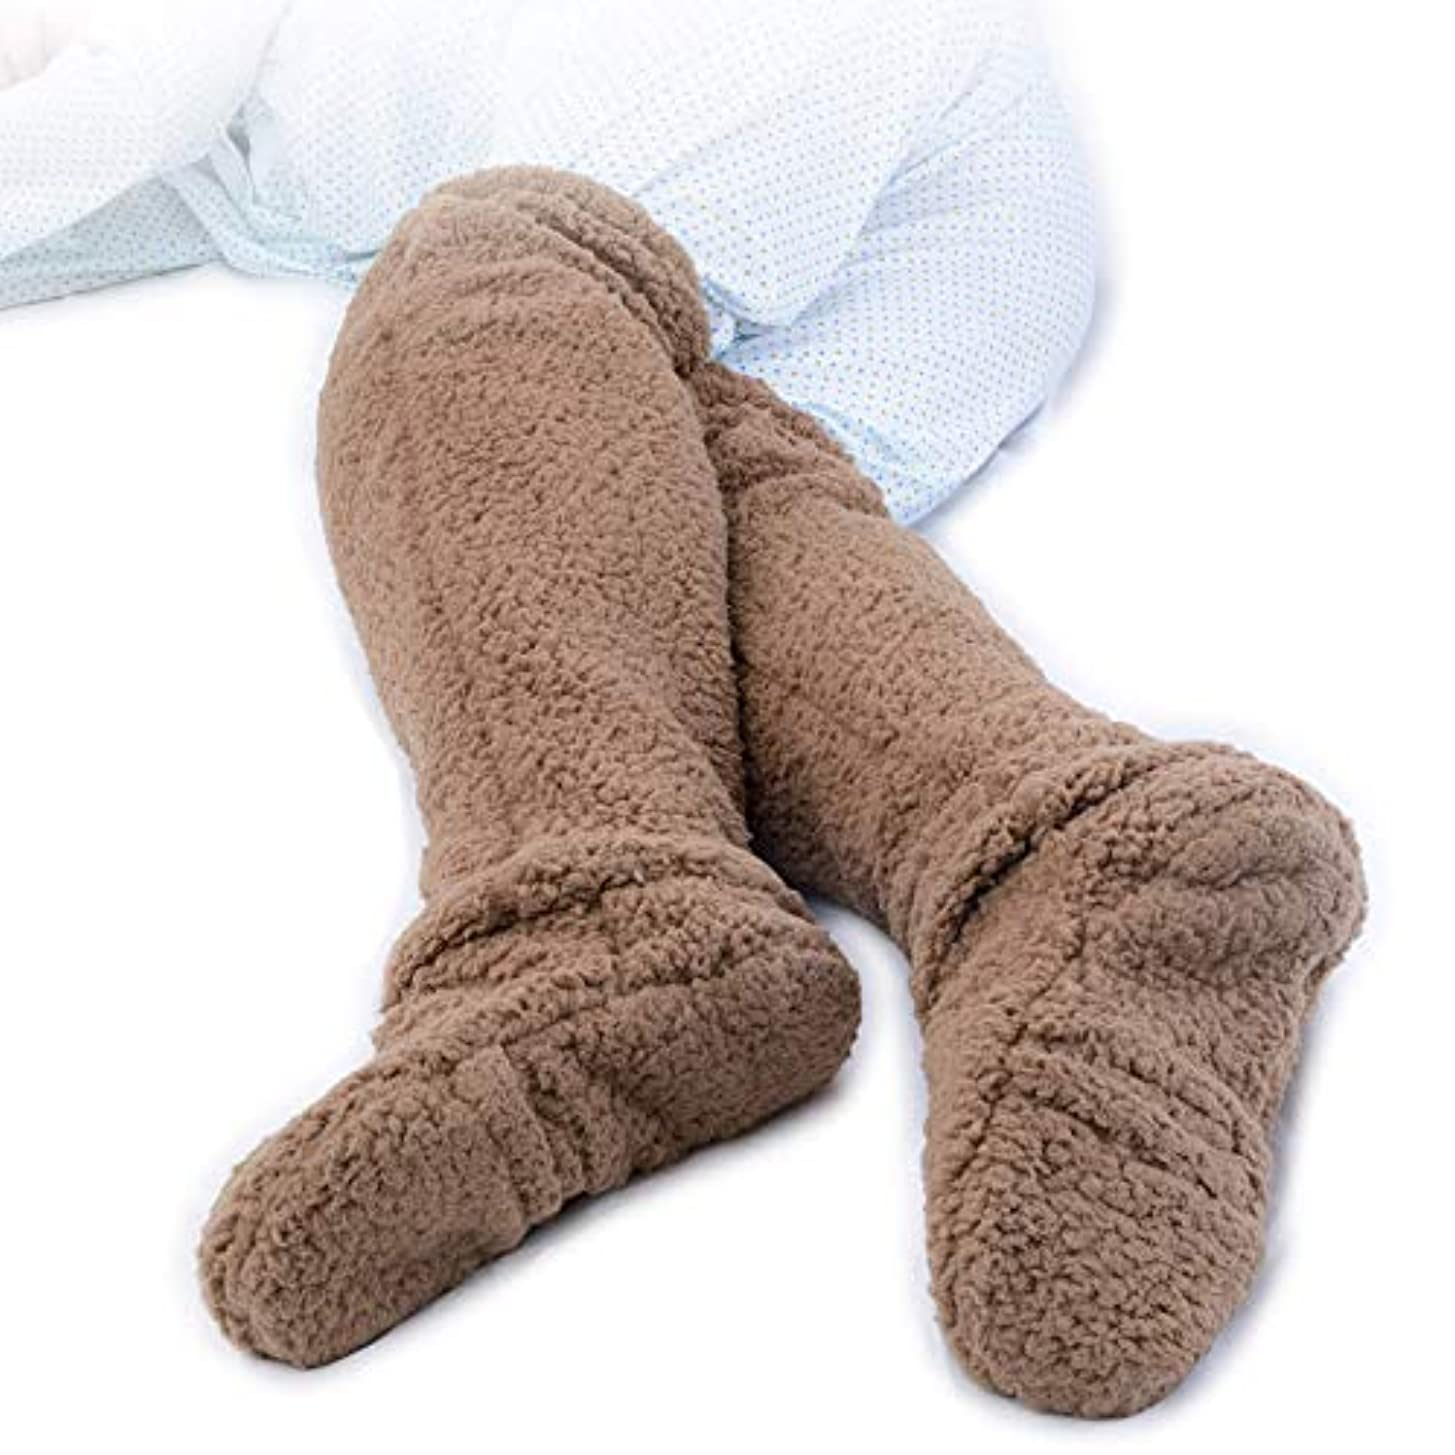 ギャングスター製造ニュージーランドヒートソックス,Enteriza 極暖 防寒 足が出せるロングカバー あったかグッズ ルームシューズ 男女兼用 2重フリース生地 室内履き 軽量 洗える